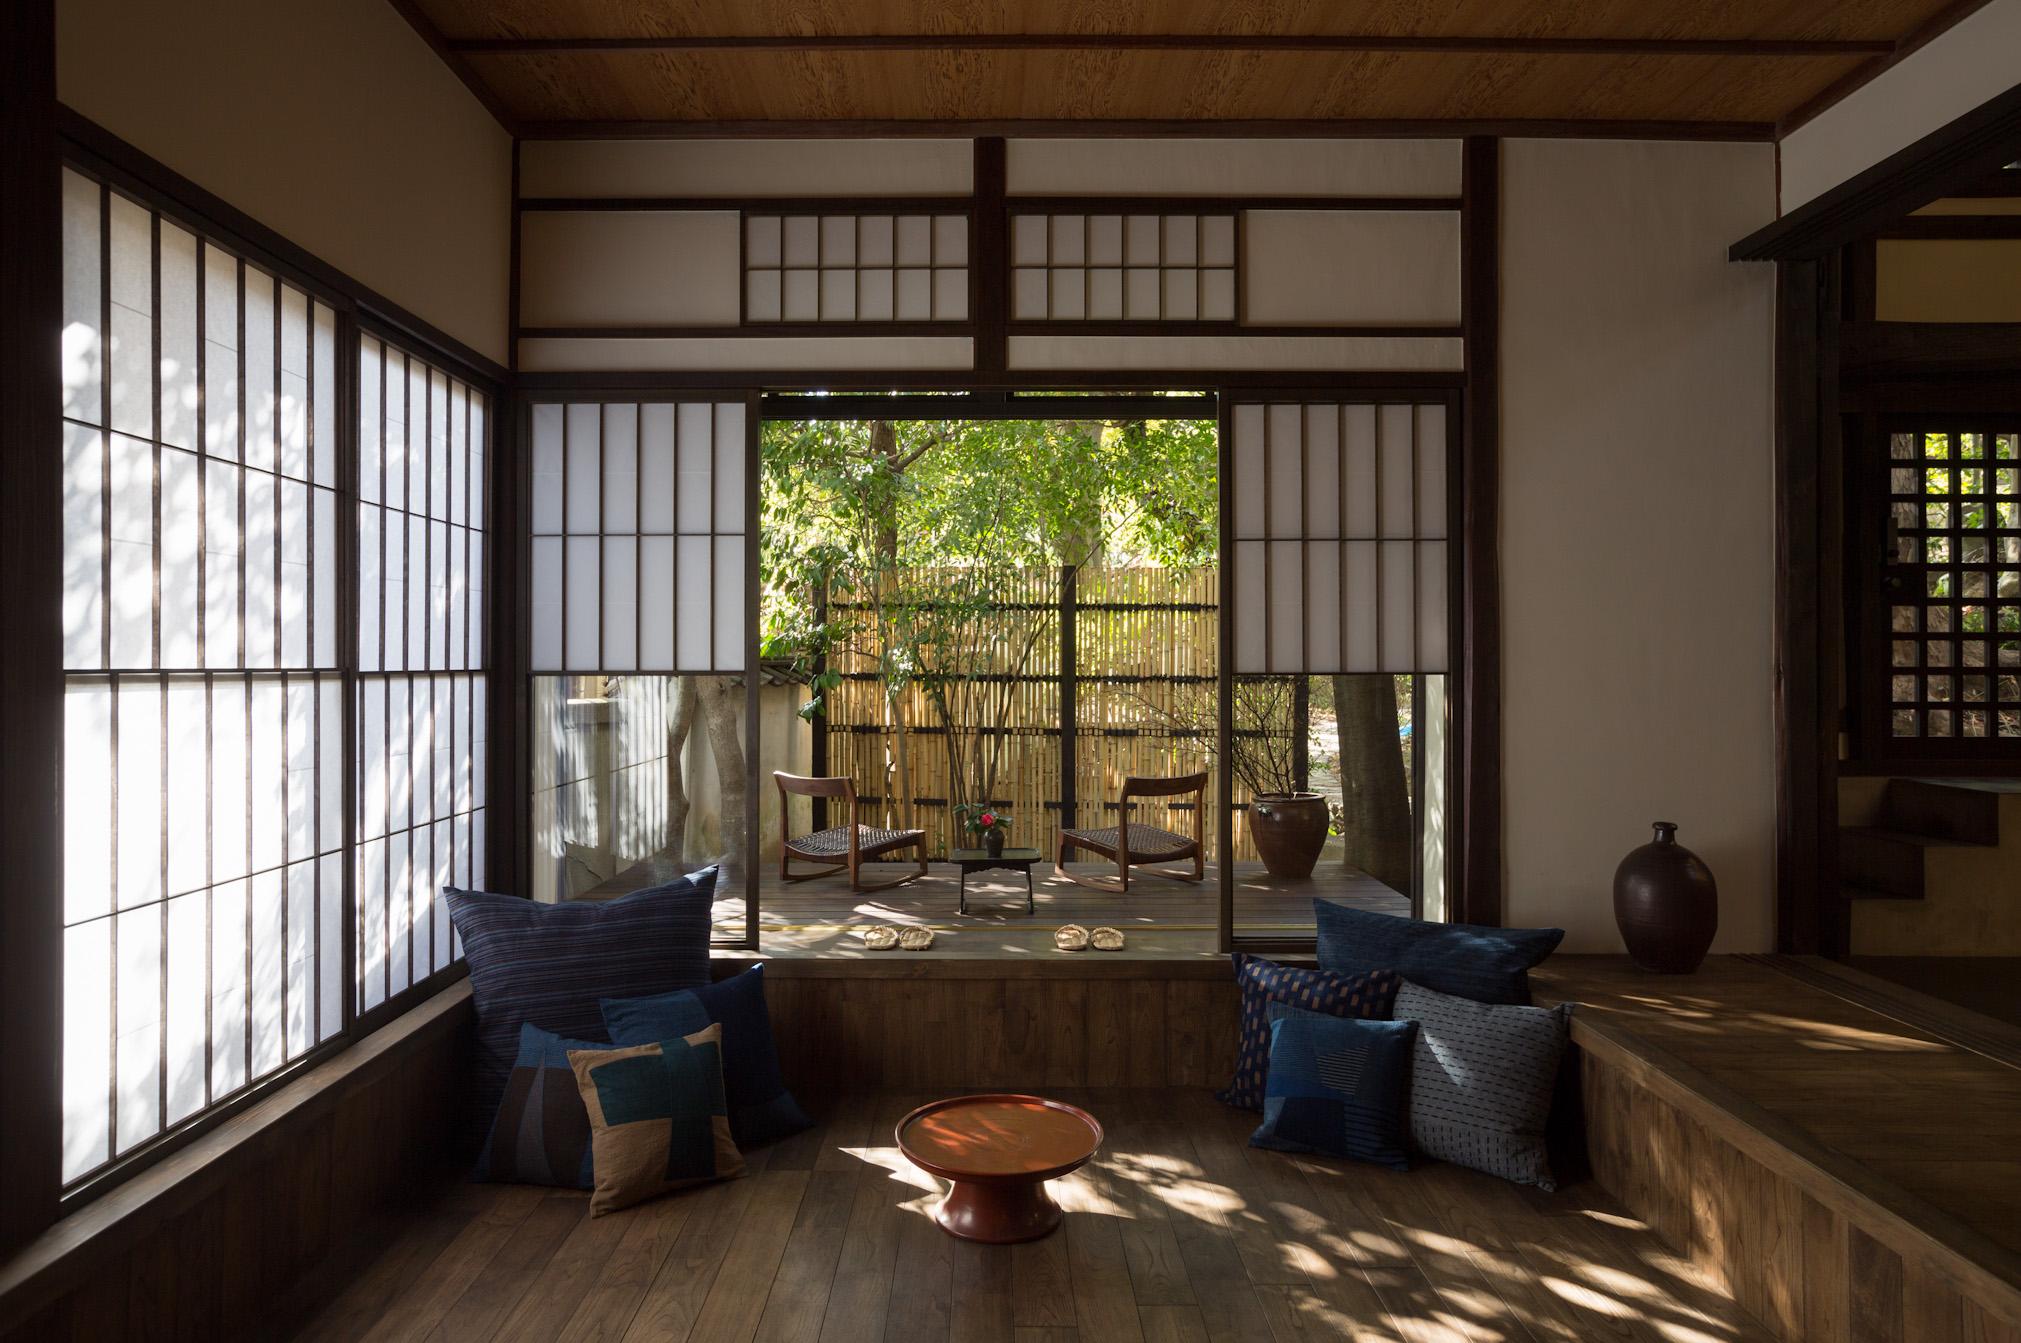 瀬戸内海を望む尾道の一棟貸町家、せとうち 湊のやど「島居邸洋館」〜2周年記念特別プラン